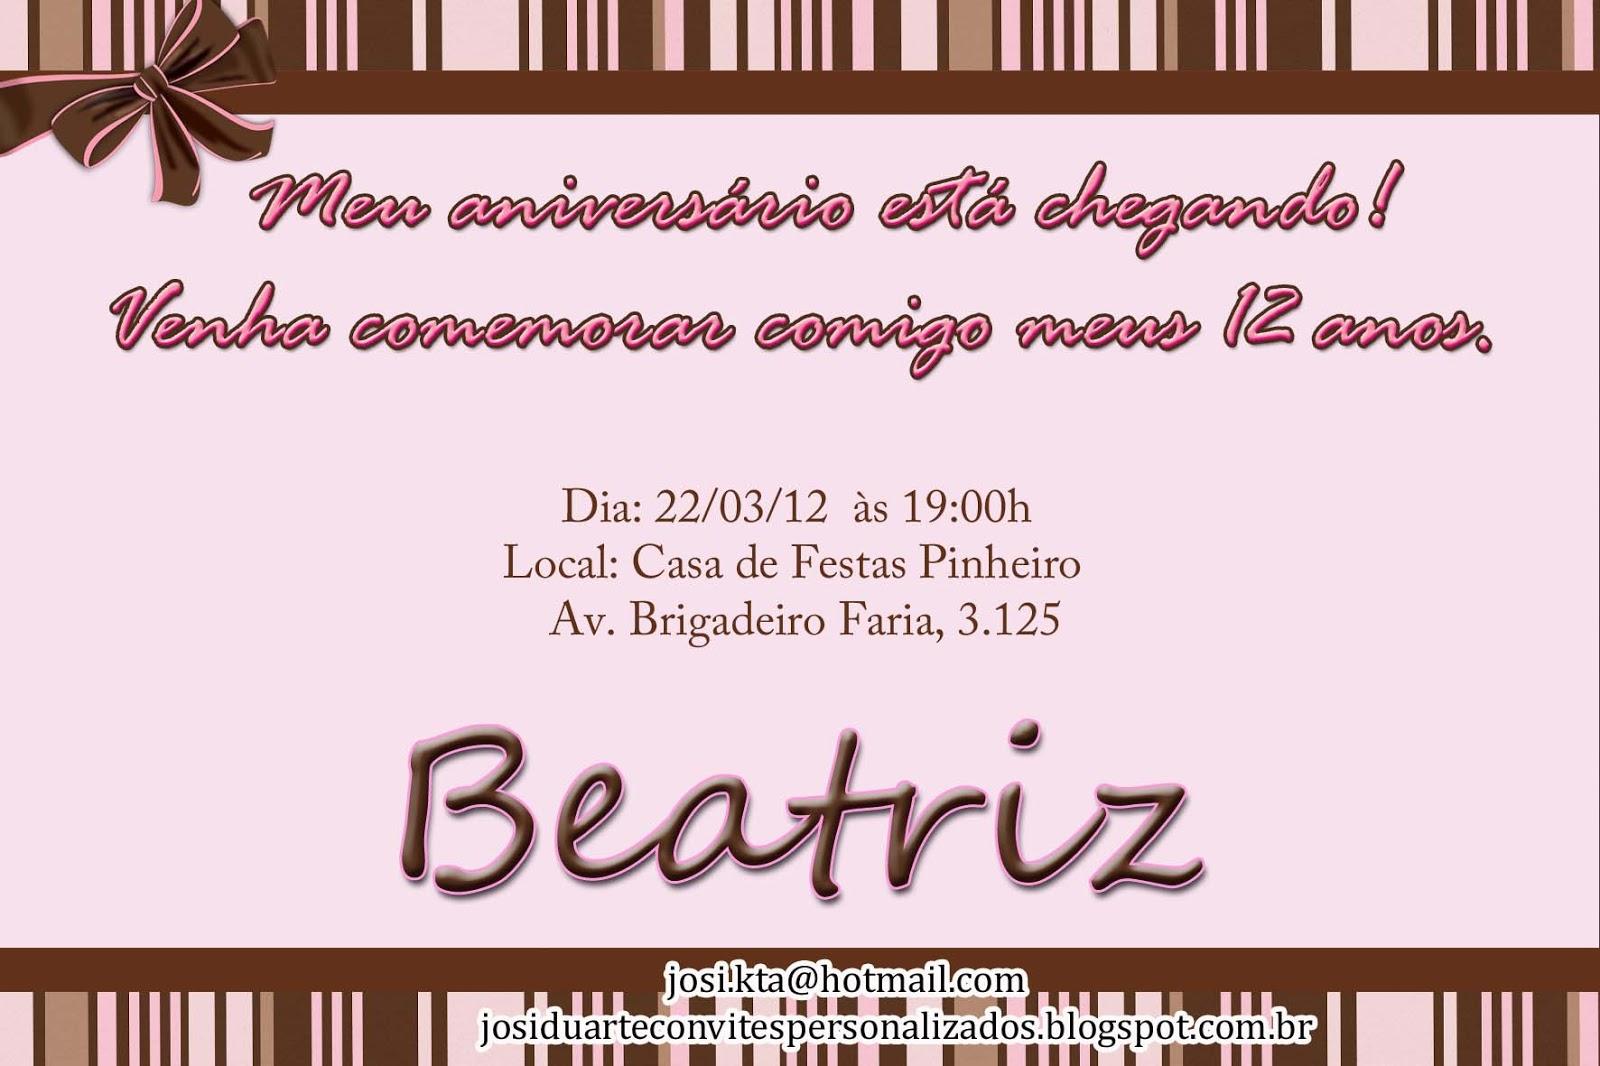 Convite Marrom E Rosa   12 Anos Beatriz